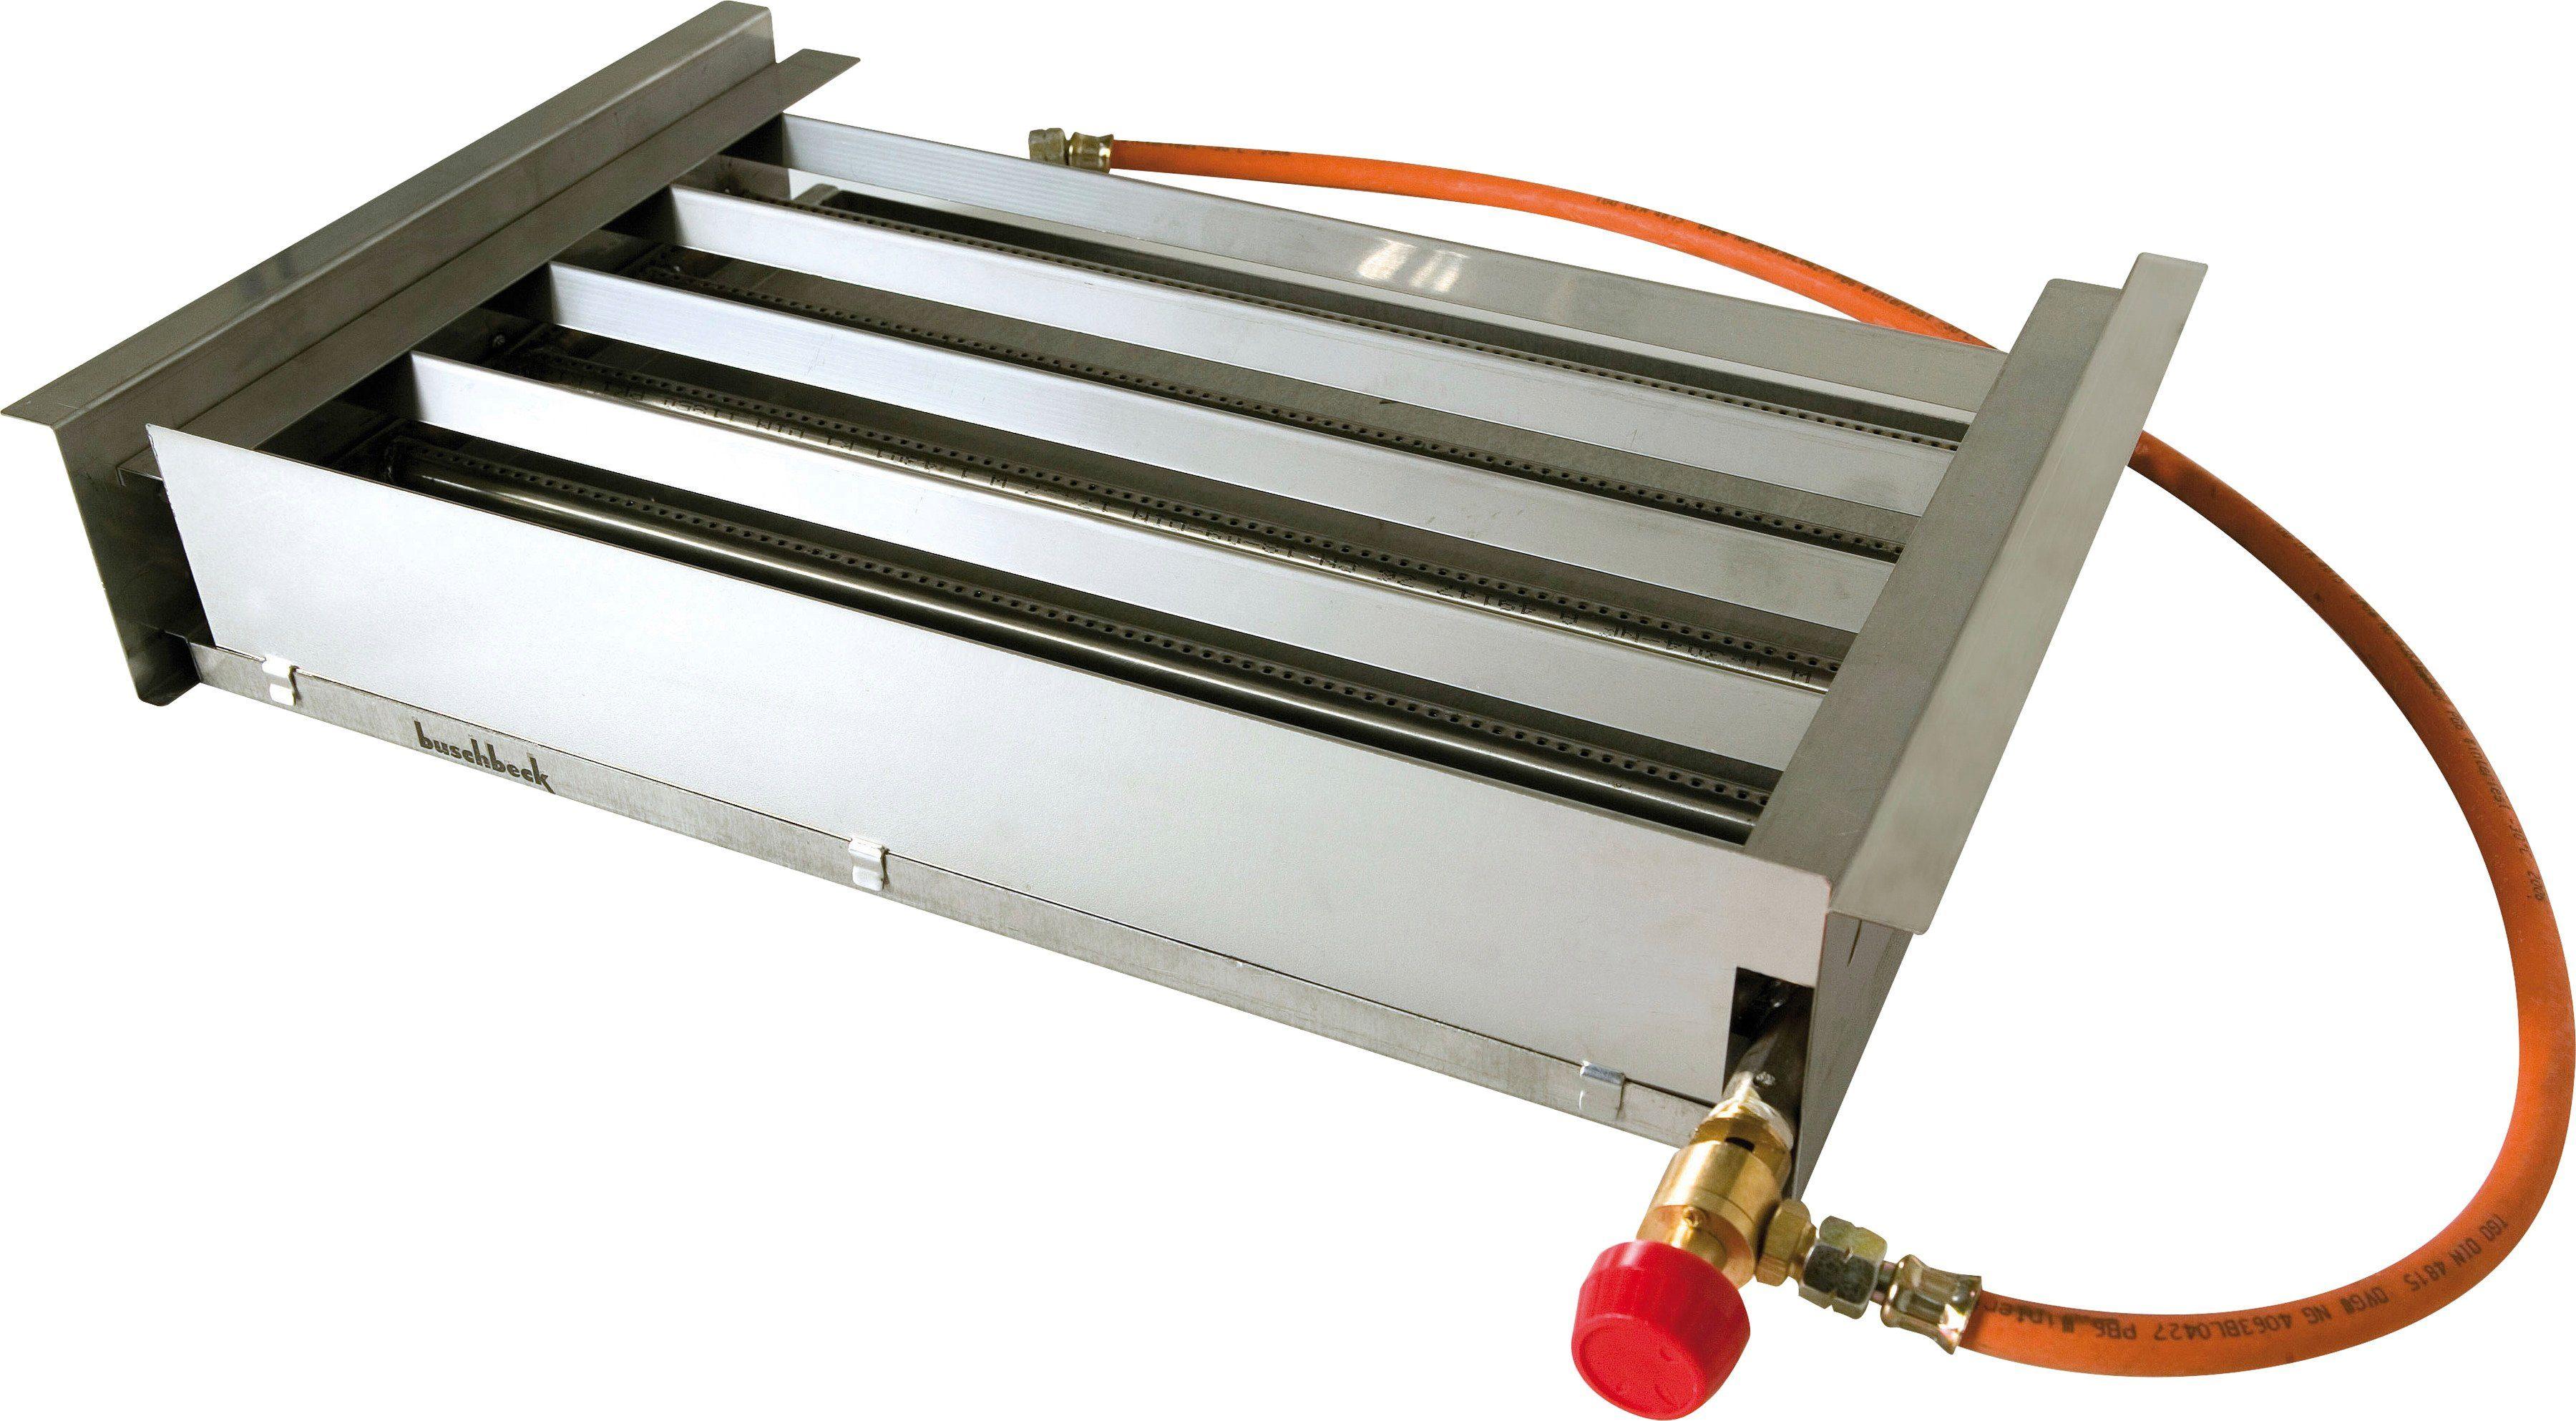 BUSCHBECK Grillzubehör »Gas-Grilleinsatz«, für Flüssiggas